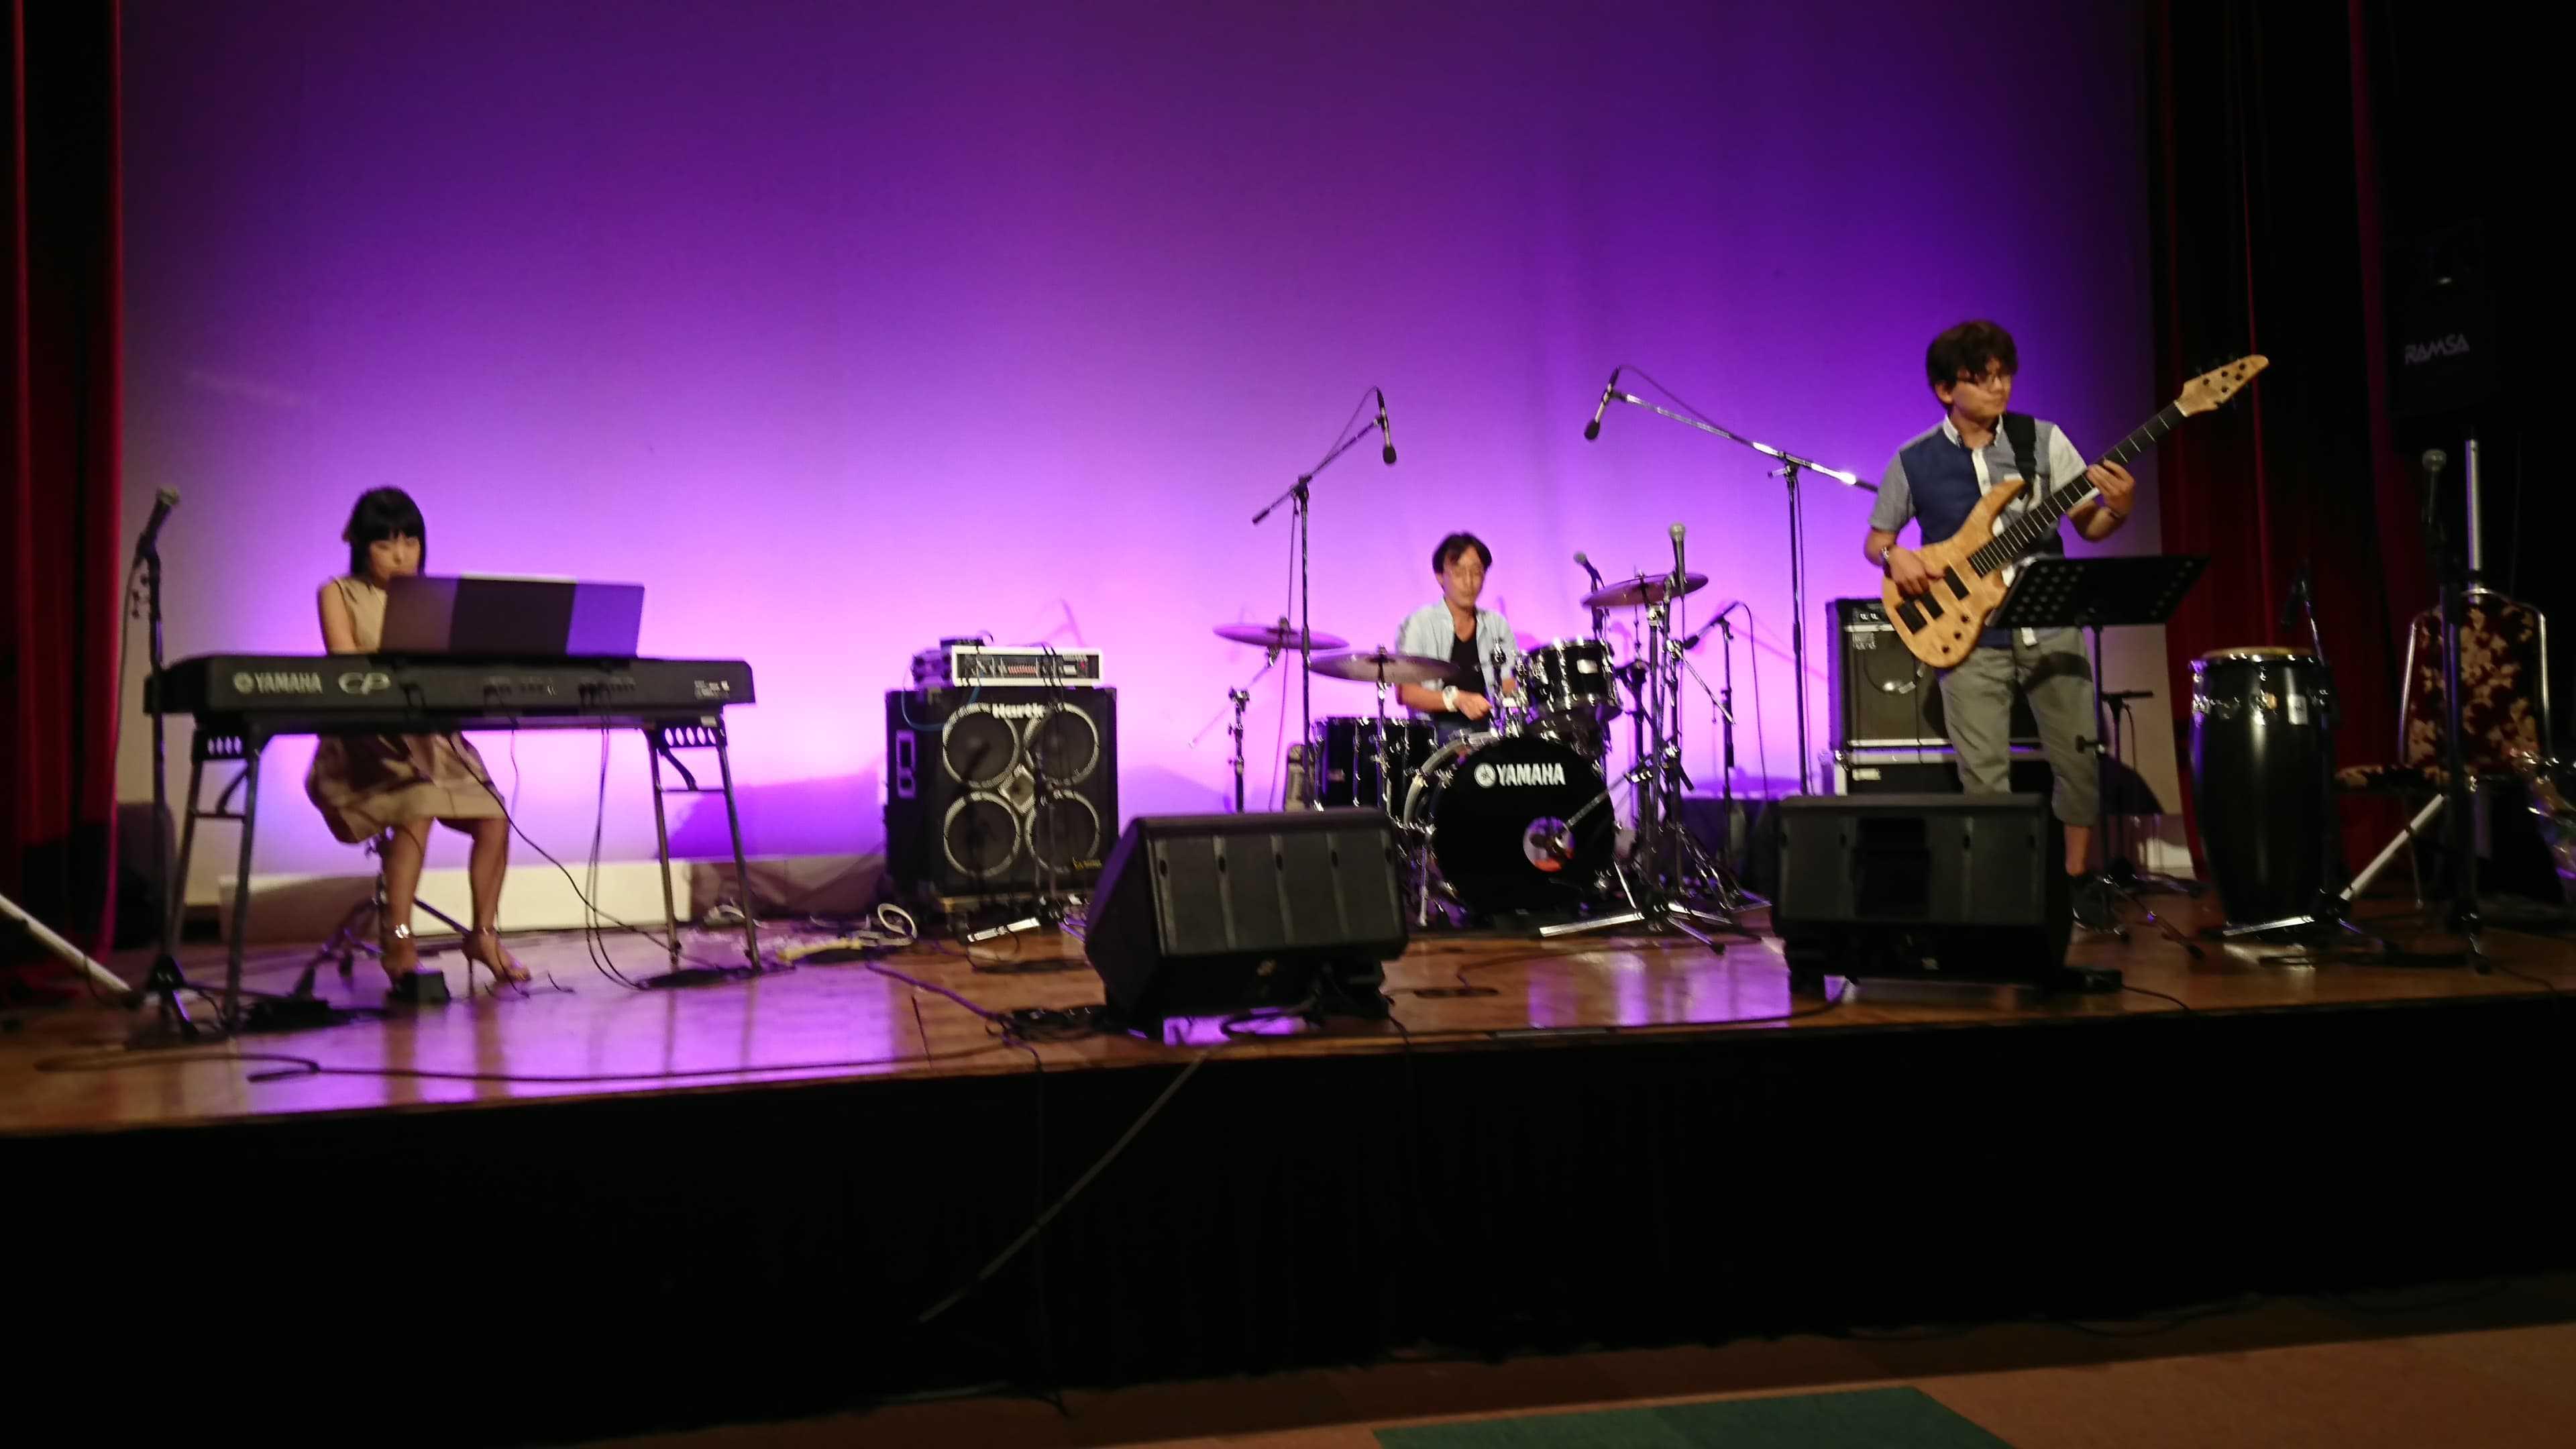 尼崎Jammerさんの10周年パーティーに小林理紗トリオで出演しました。